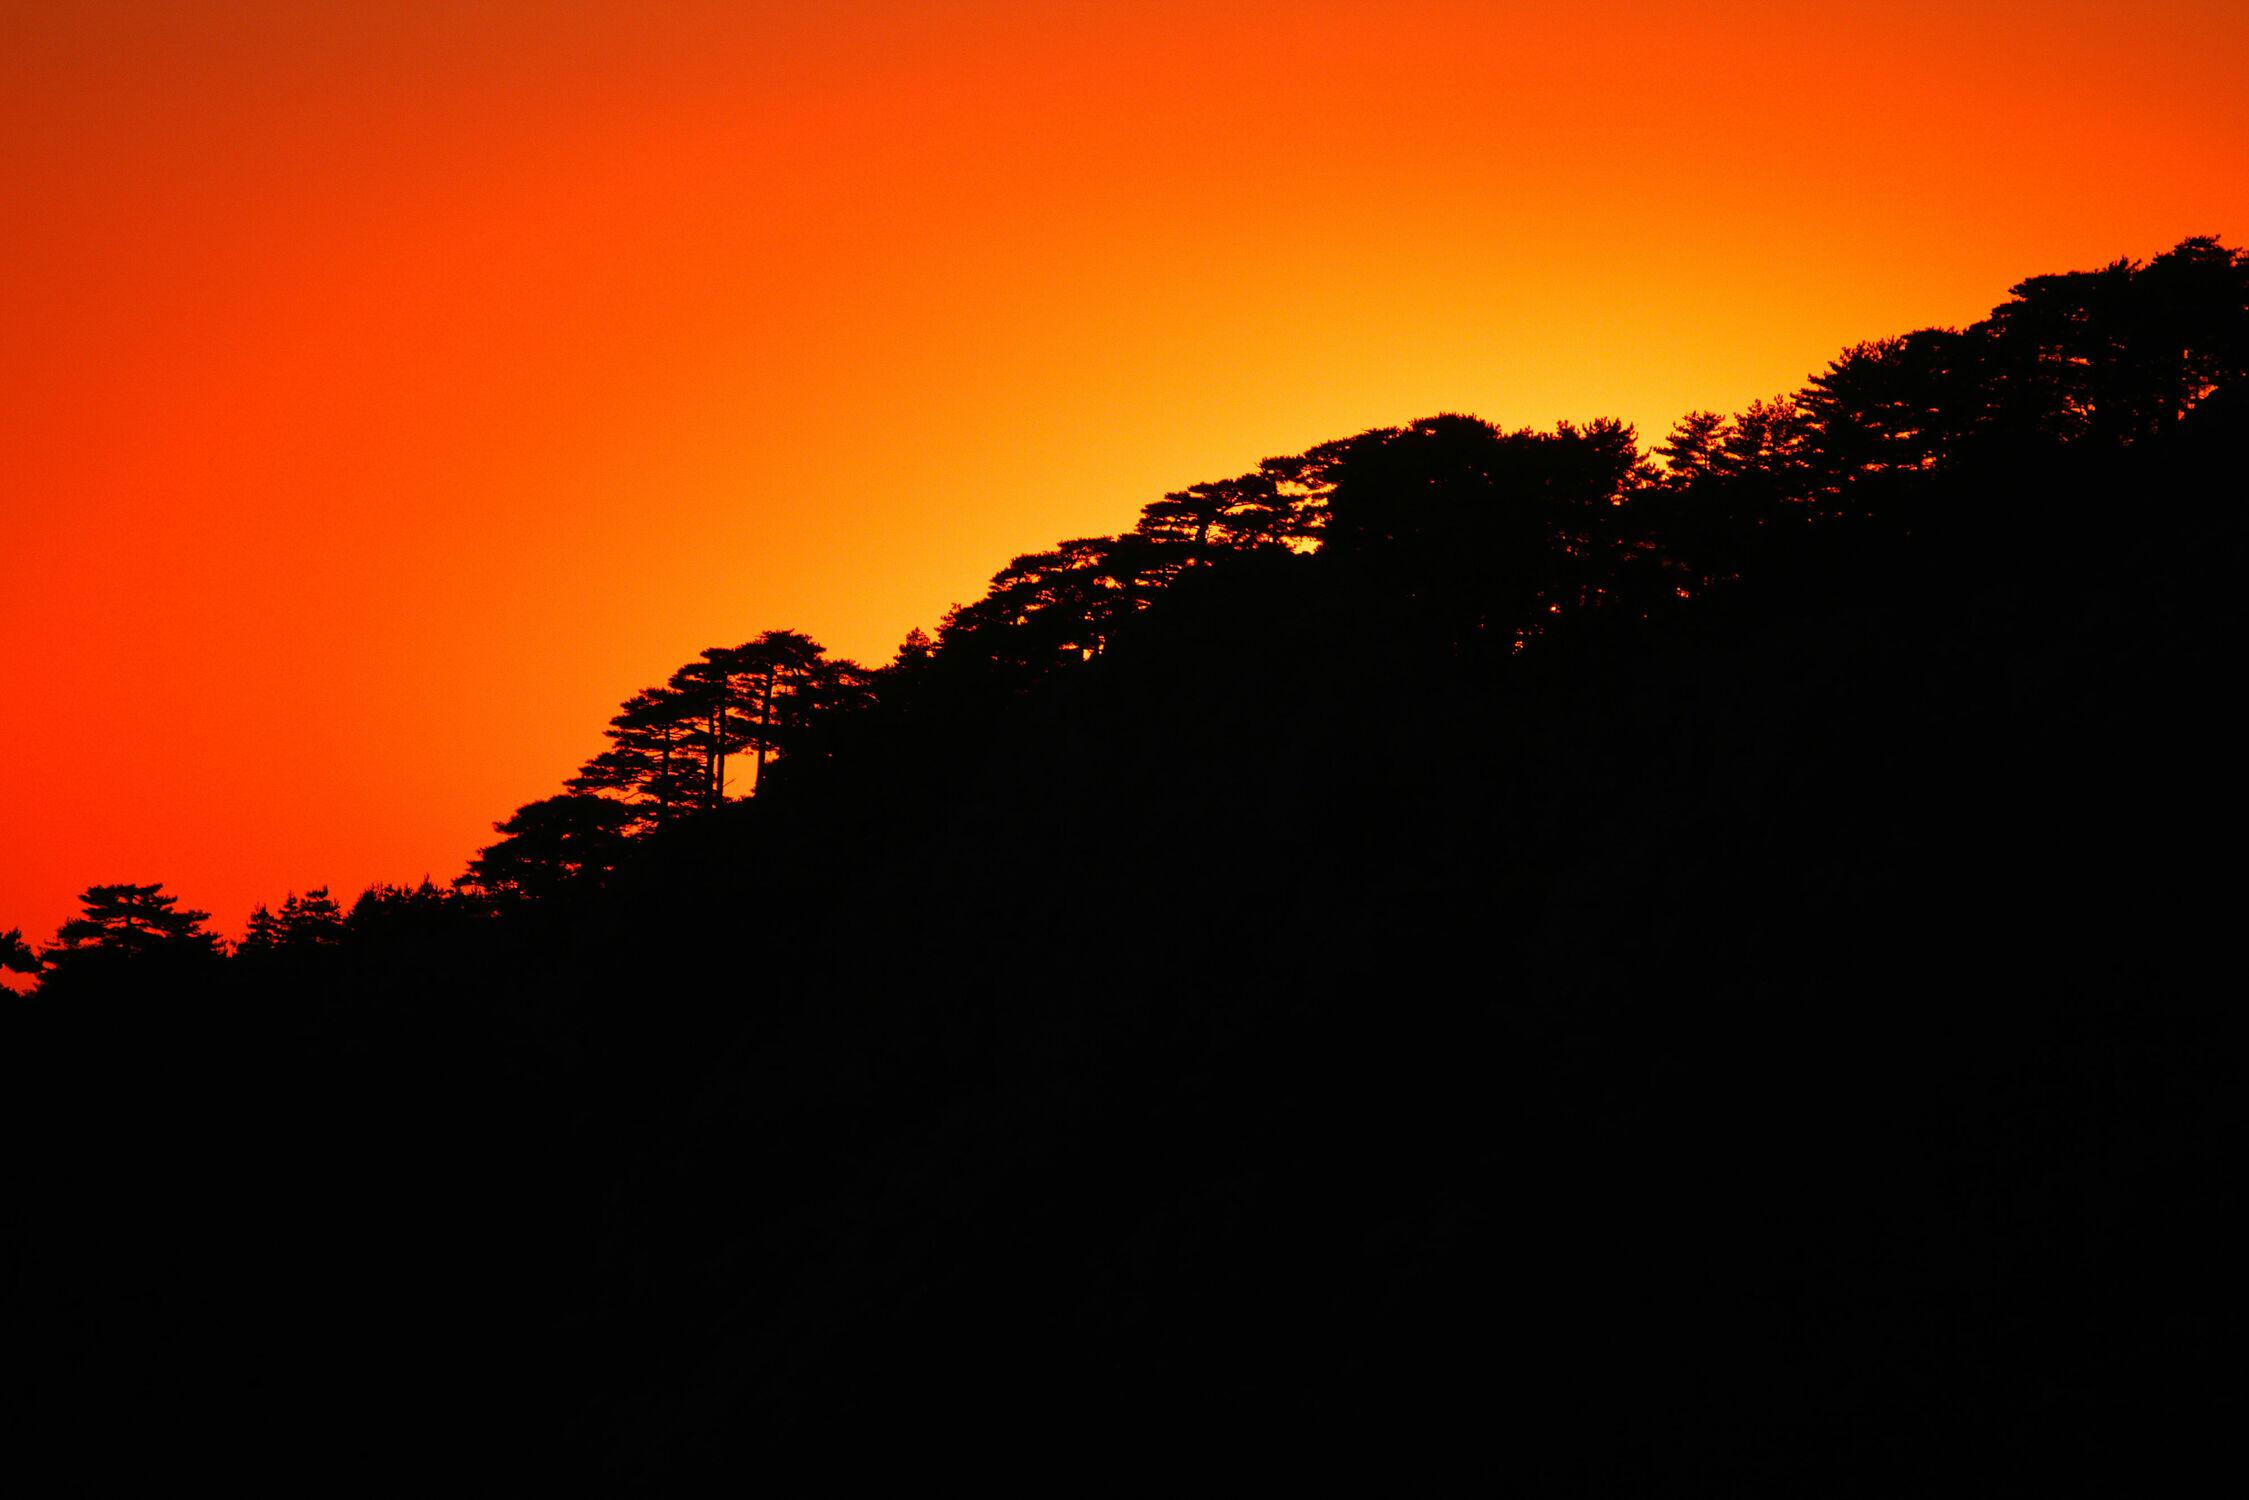 Bild mit Landschaften, Sonnenuntergang, Urlaub, Sonnenaufgang, Landschaft